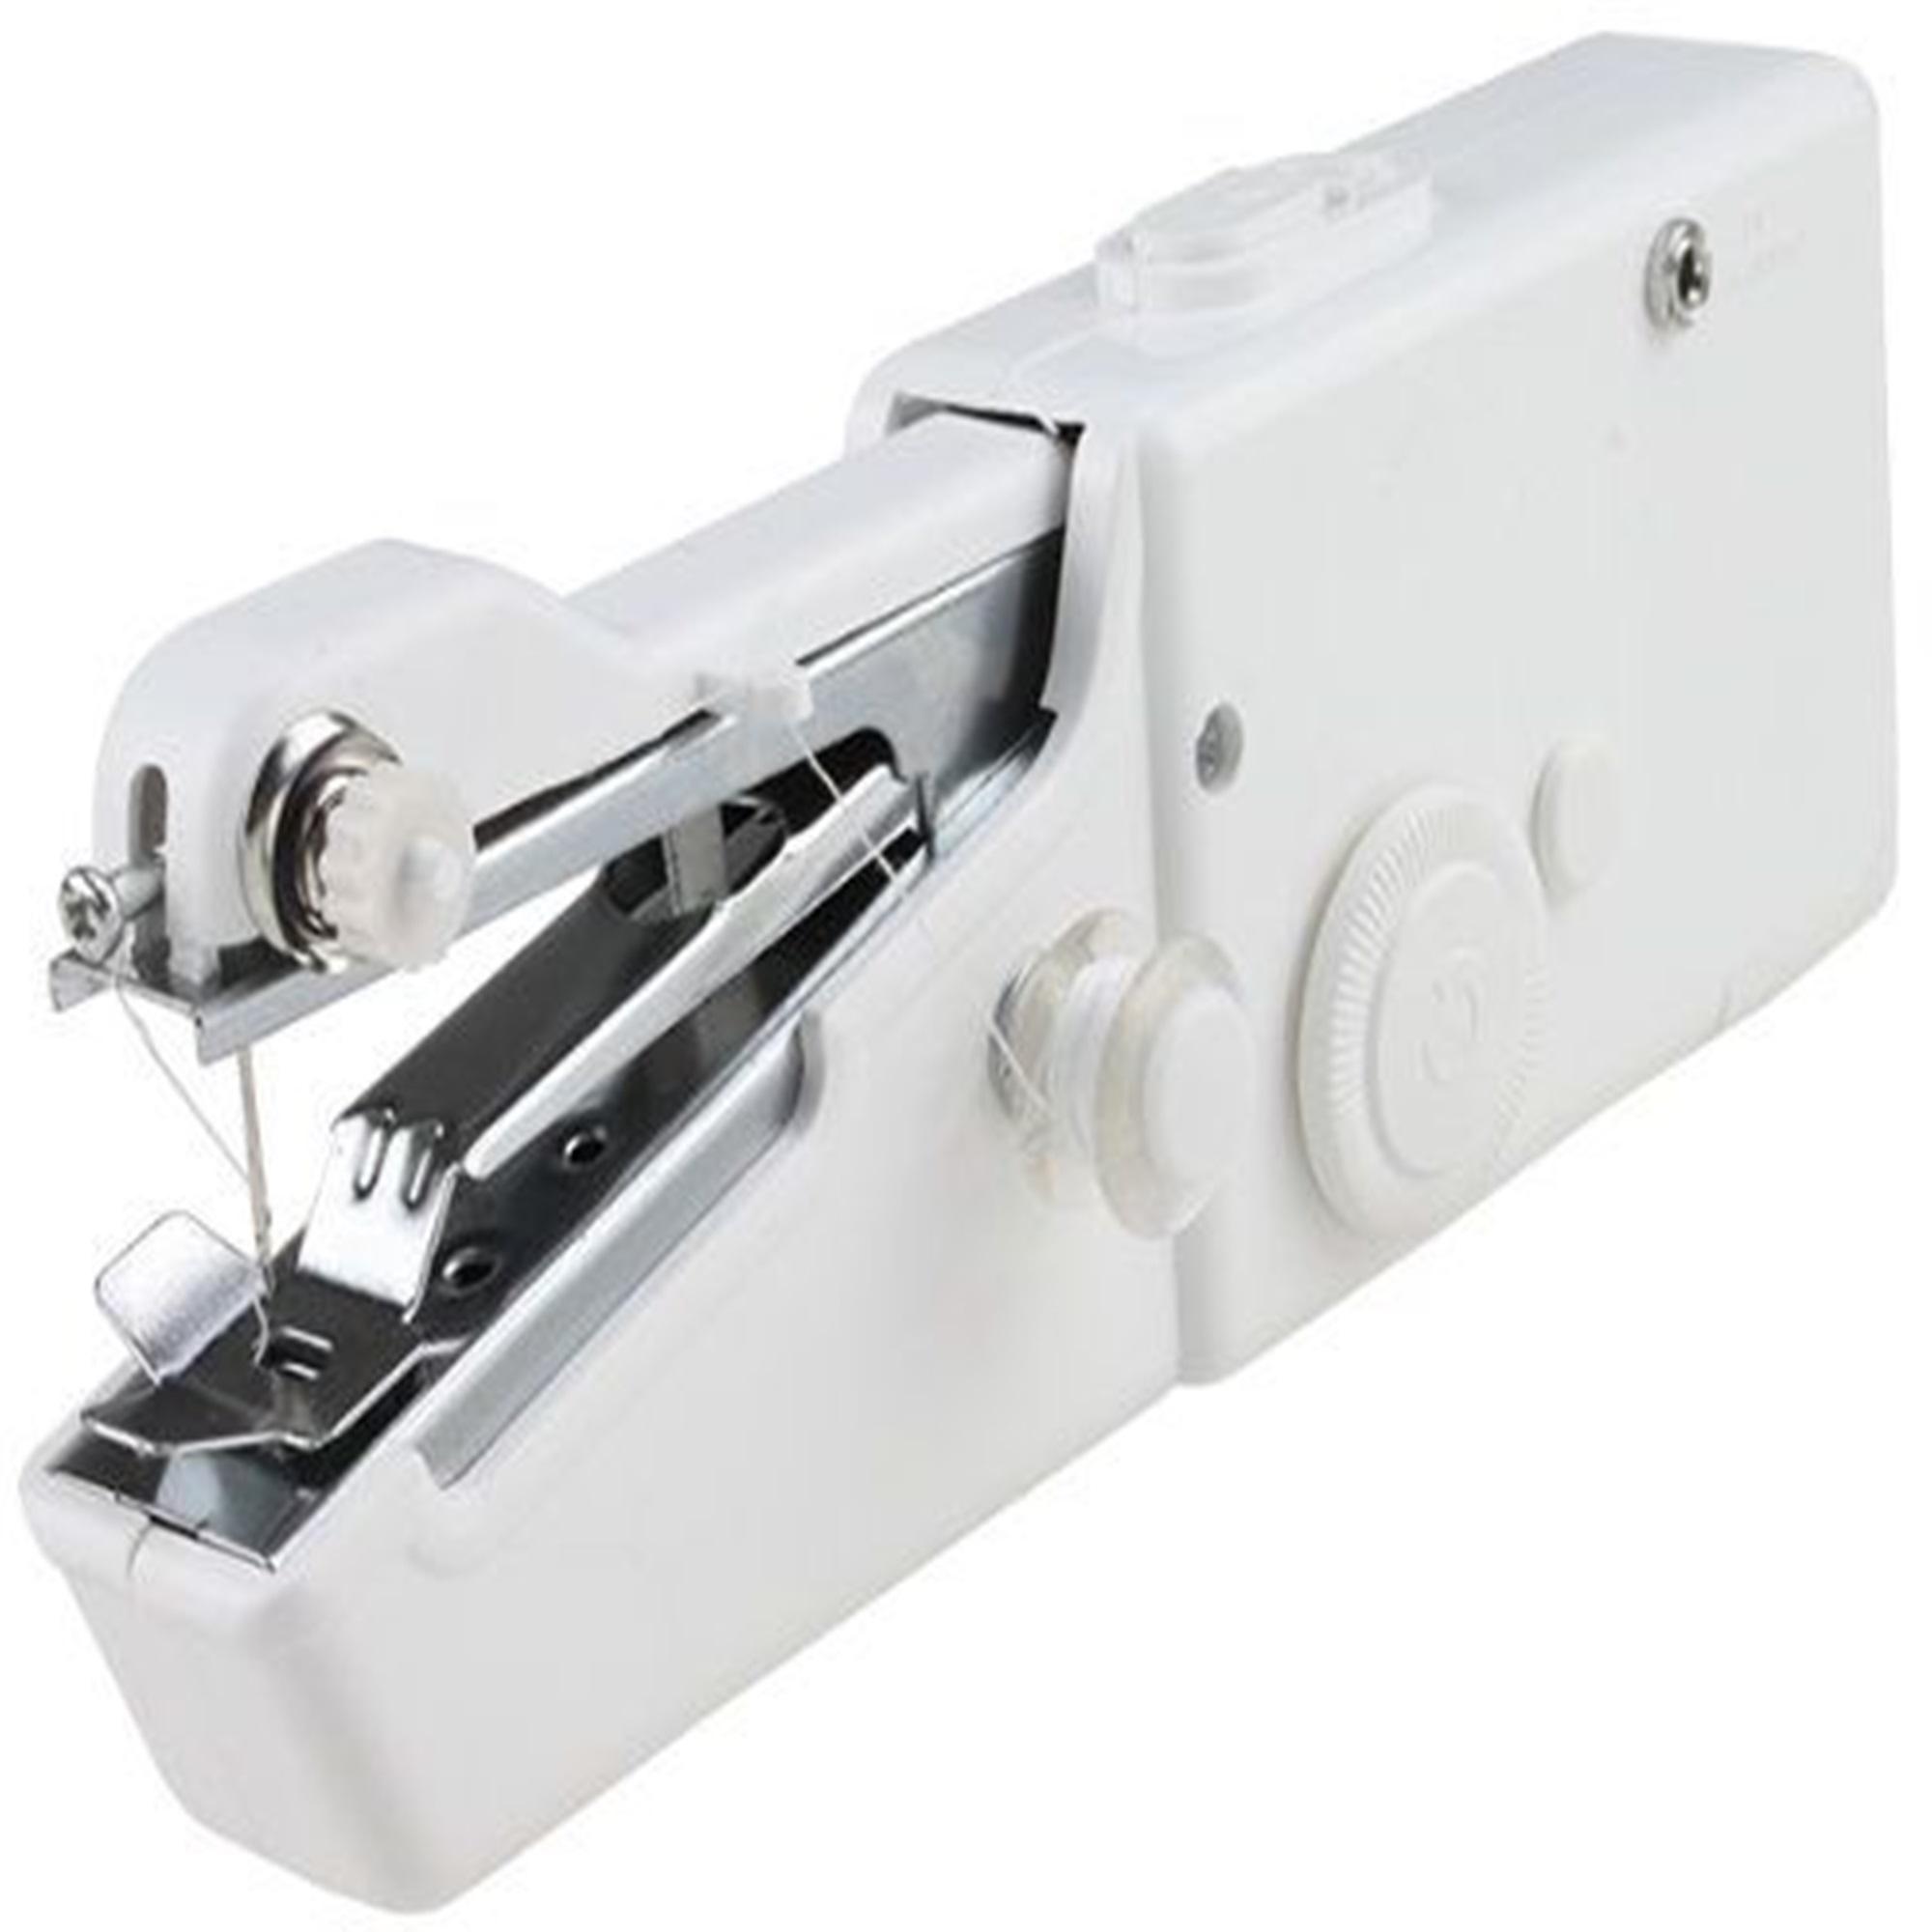 Auto Hand Sewing Sched Machine White